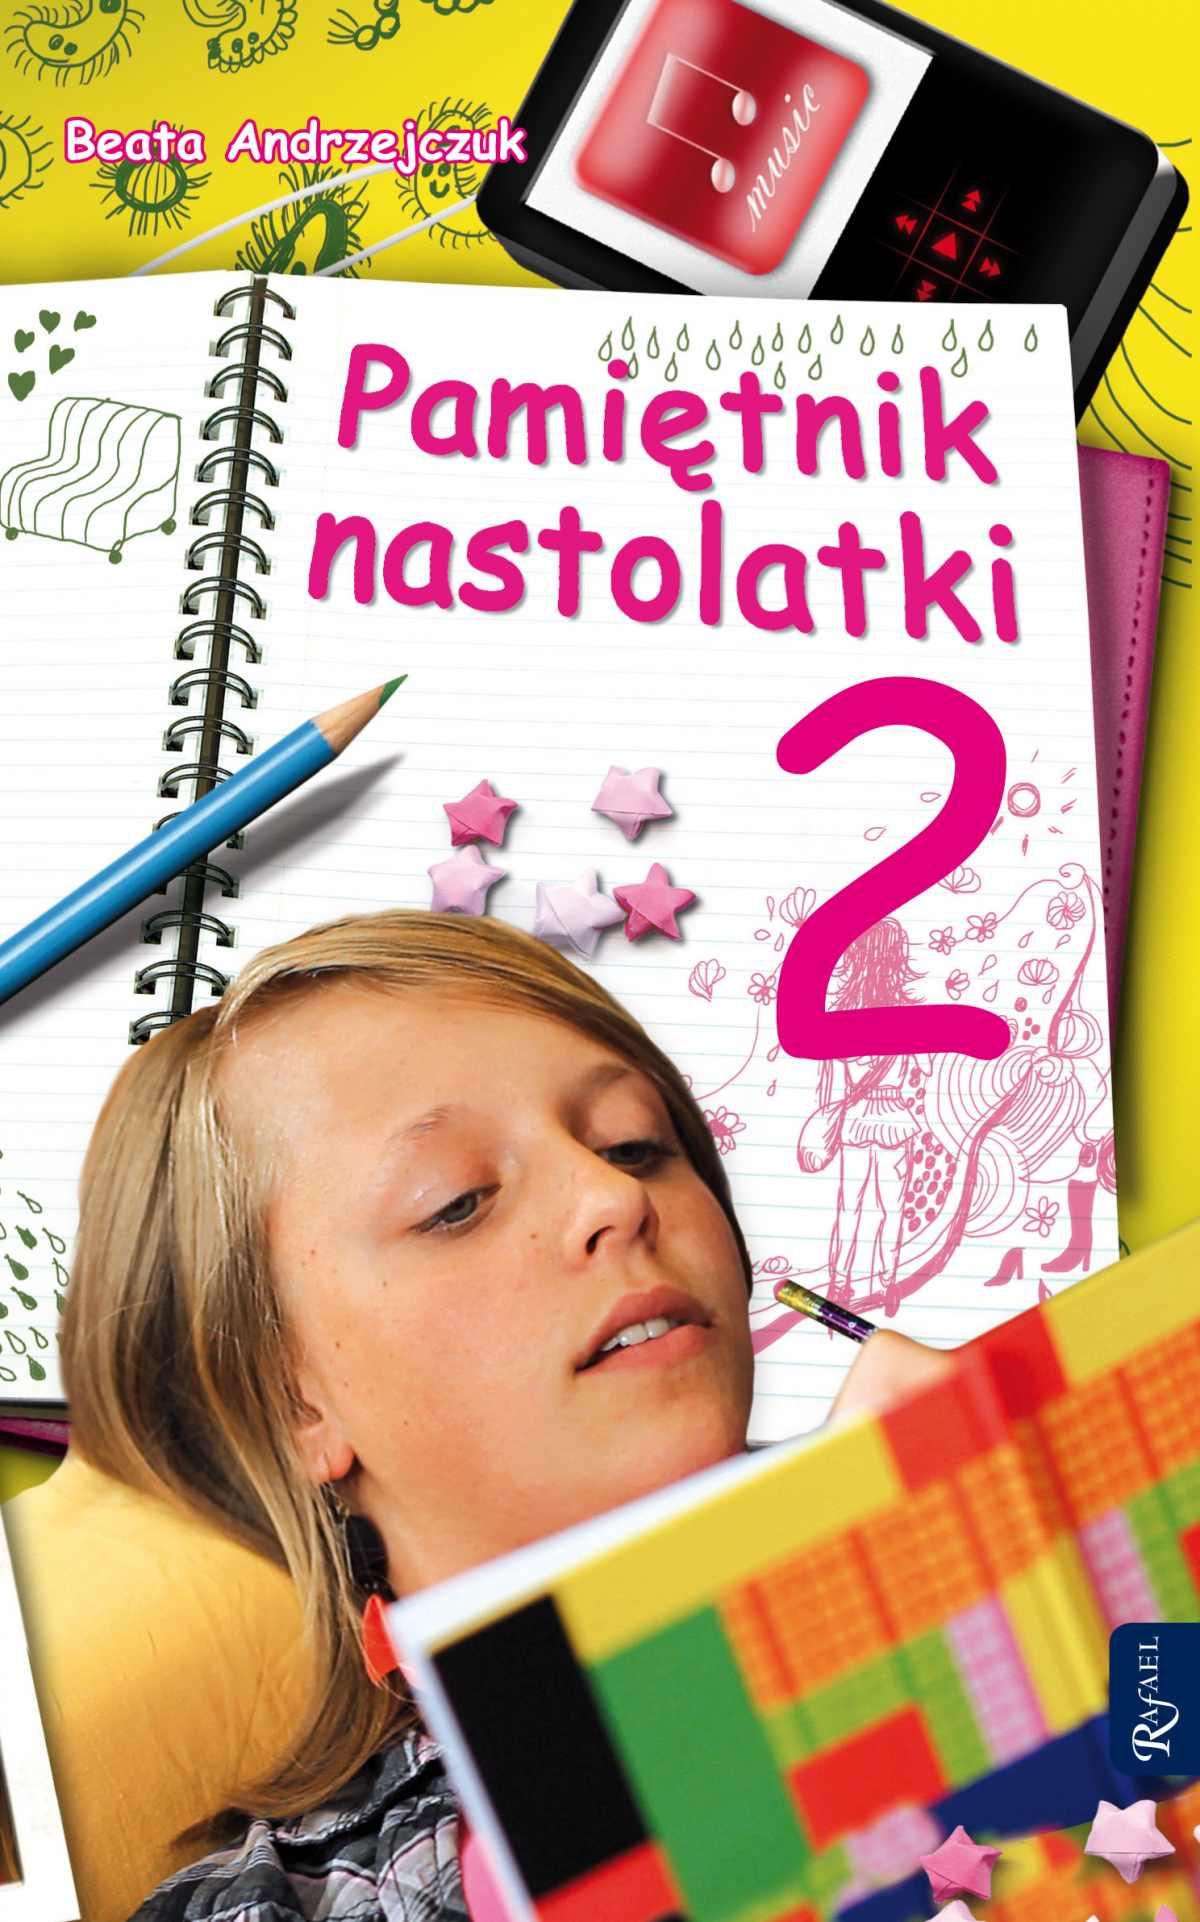 Pamiętnik nastolatki 2 - Ebook (Książka na Kindle) do pobrania w formacie MOBI